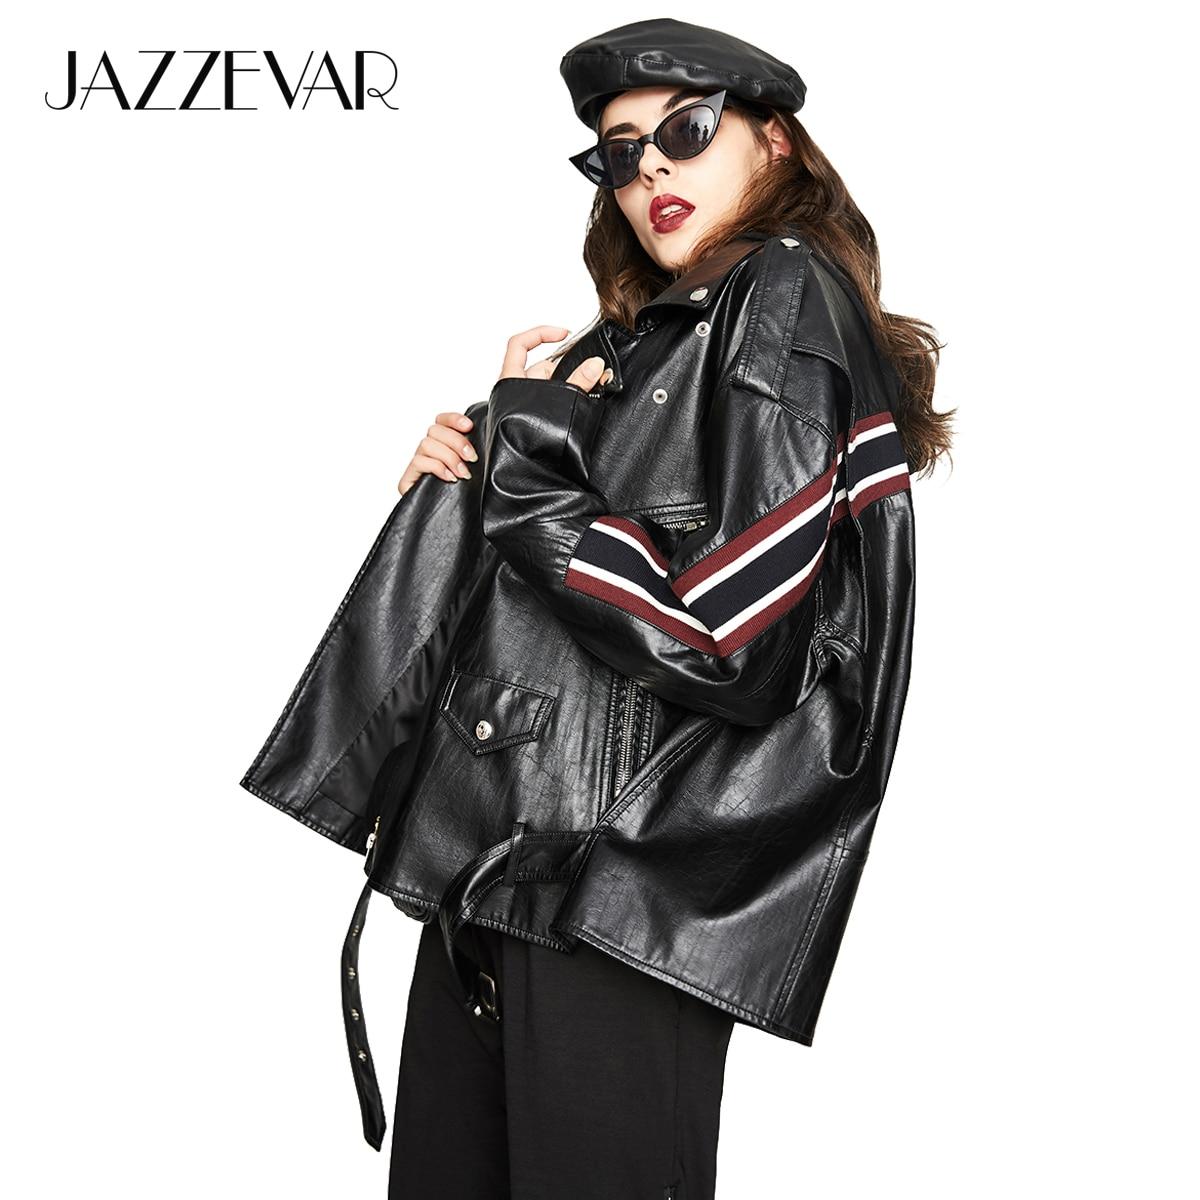 JAZZEVAR 2019 New Autumn High Fashion Street Women's Washed PU   Leather   Jacket Motorcycle oversized Jackets Good Quality YA7018